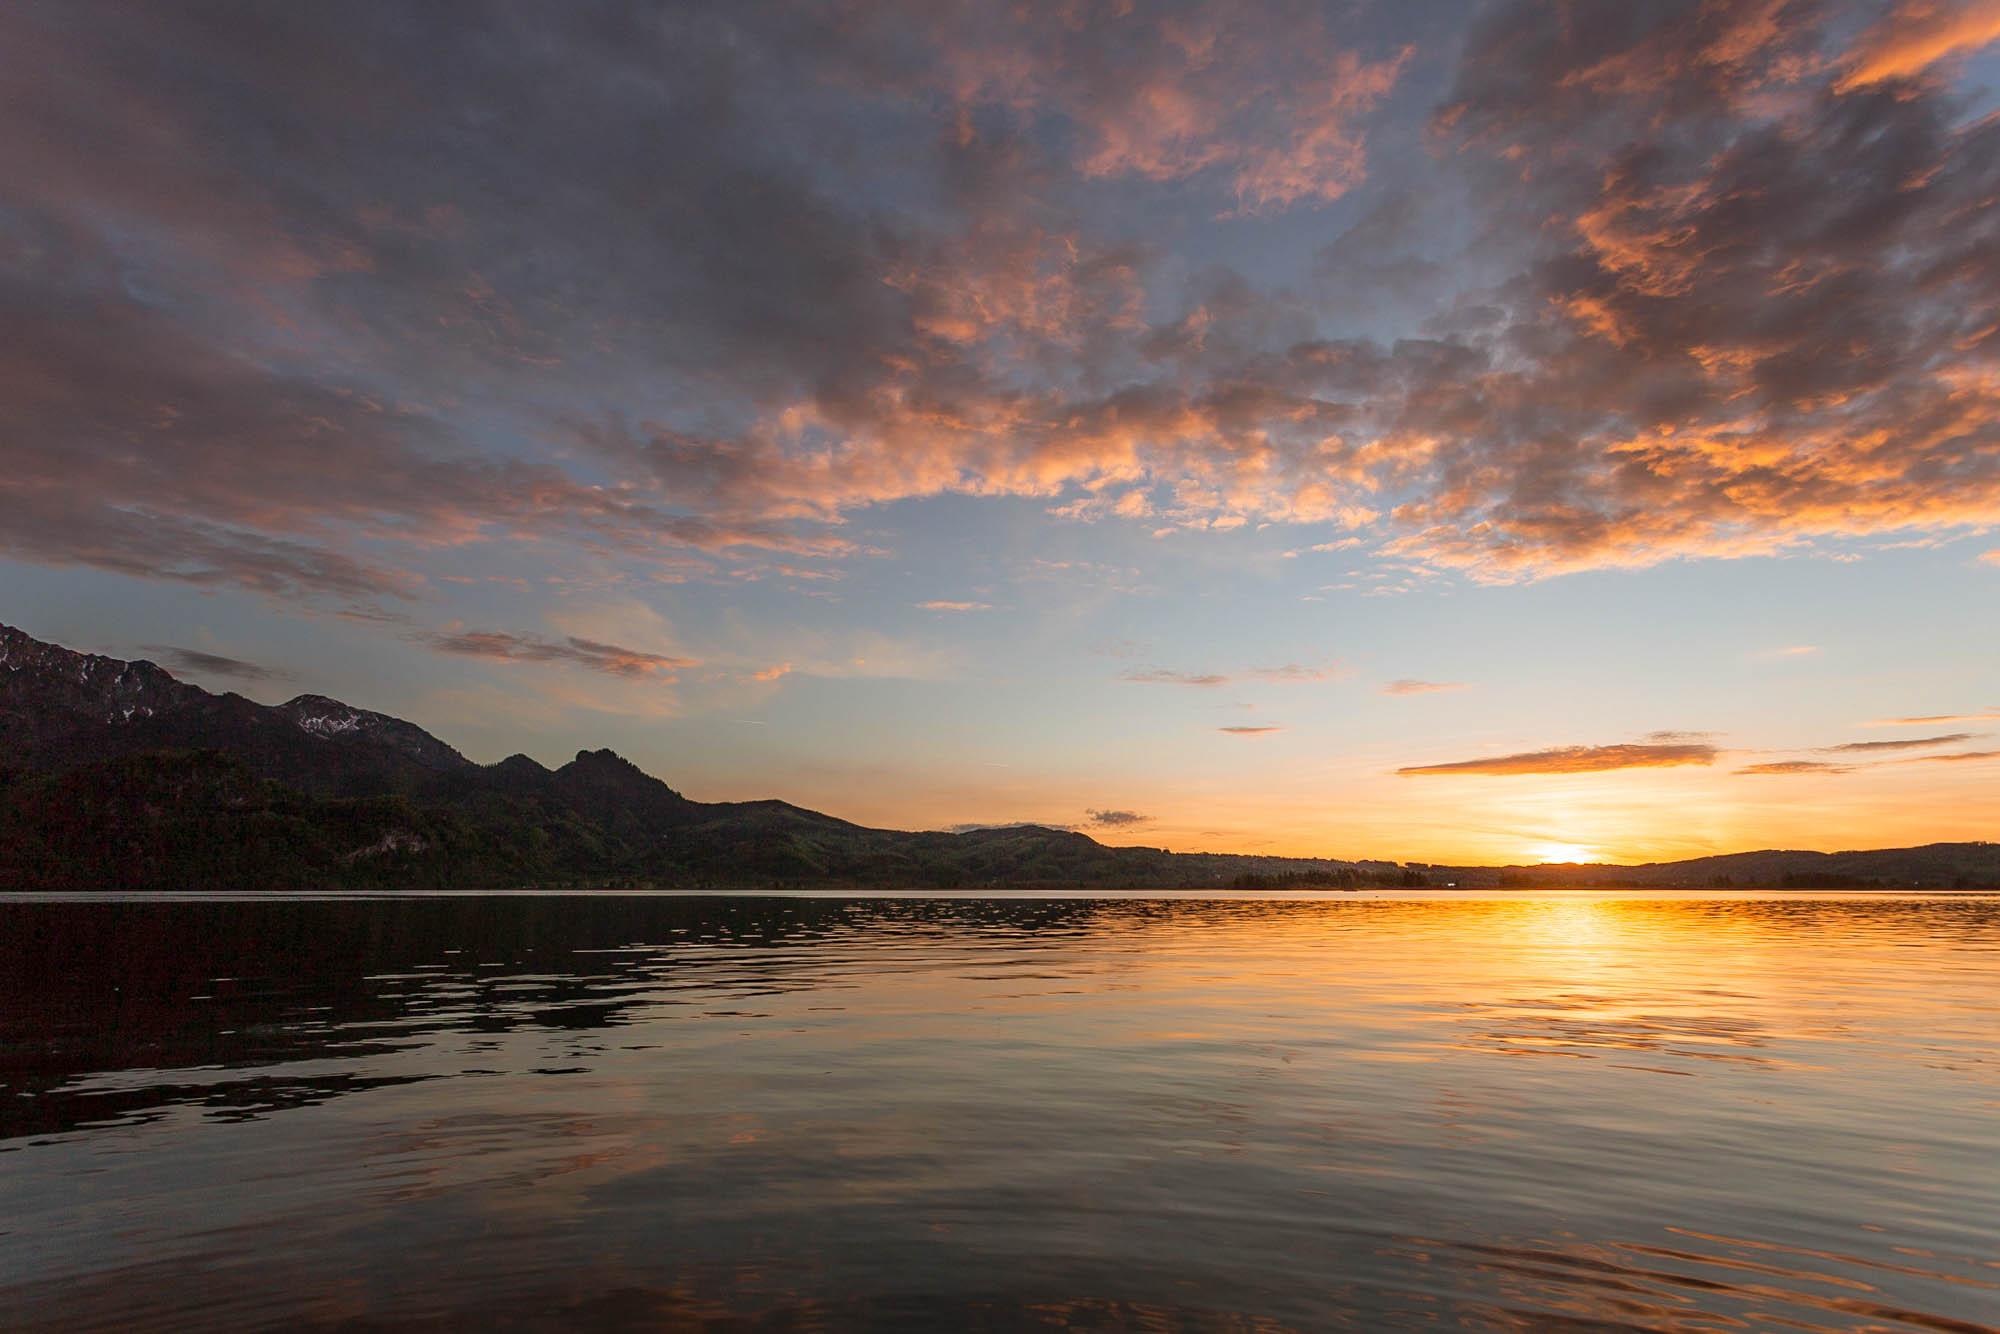 Lake Kochel